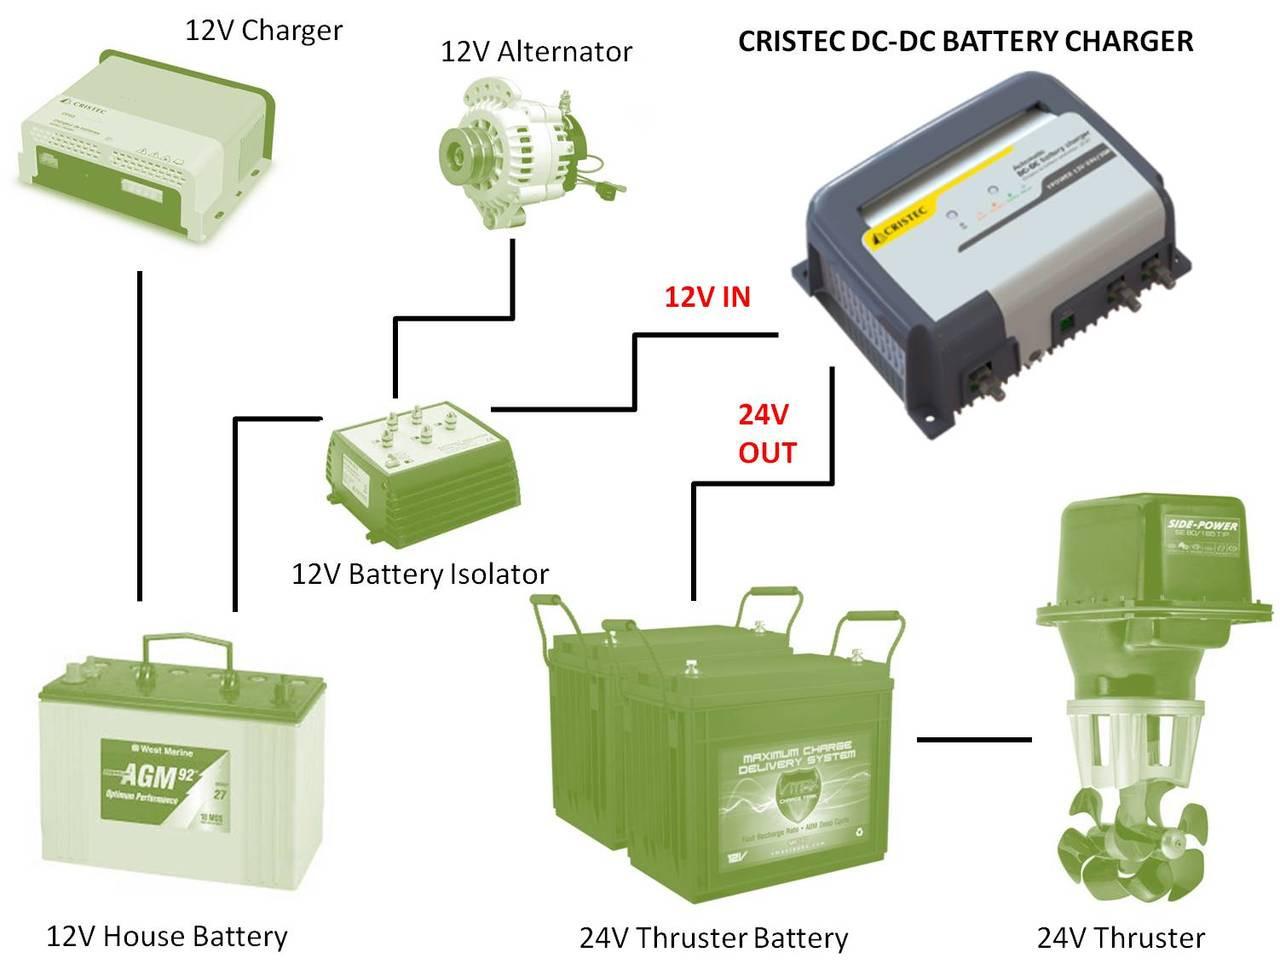 Cristec 12V > 24VDC Multistage DC-DC Battery Charger